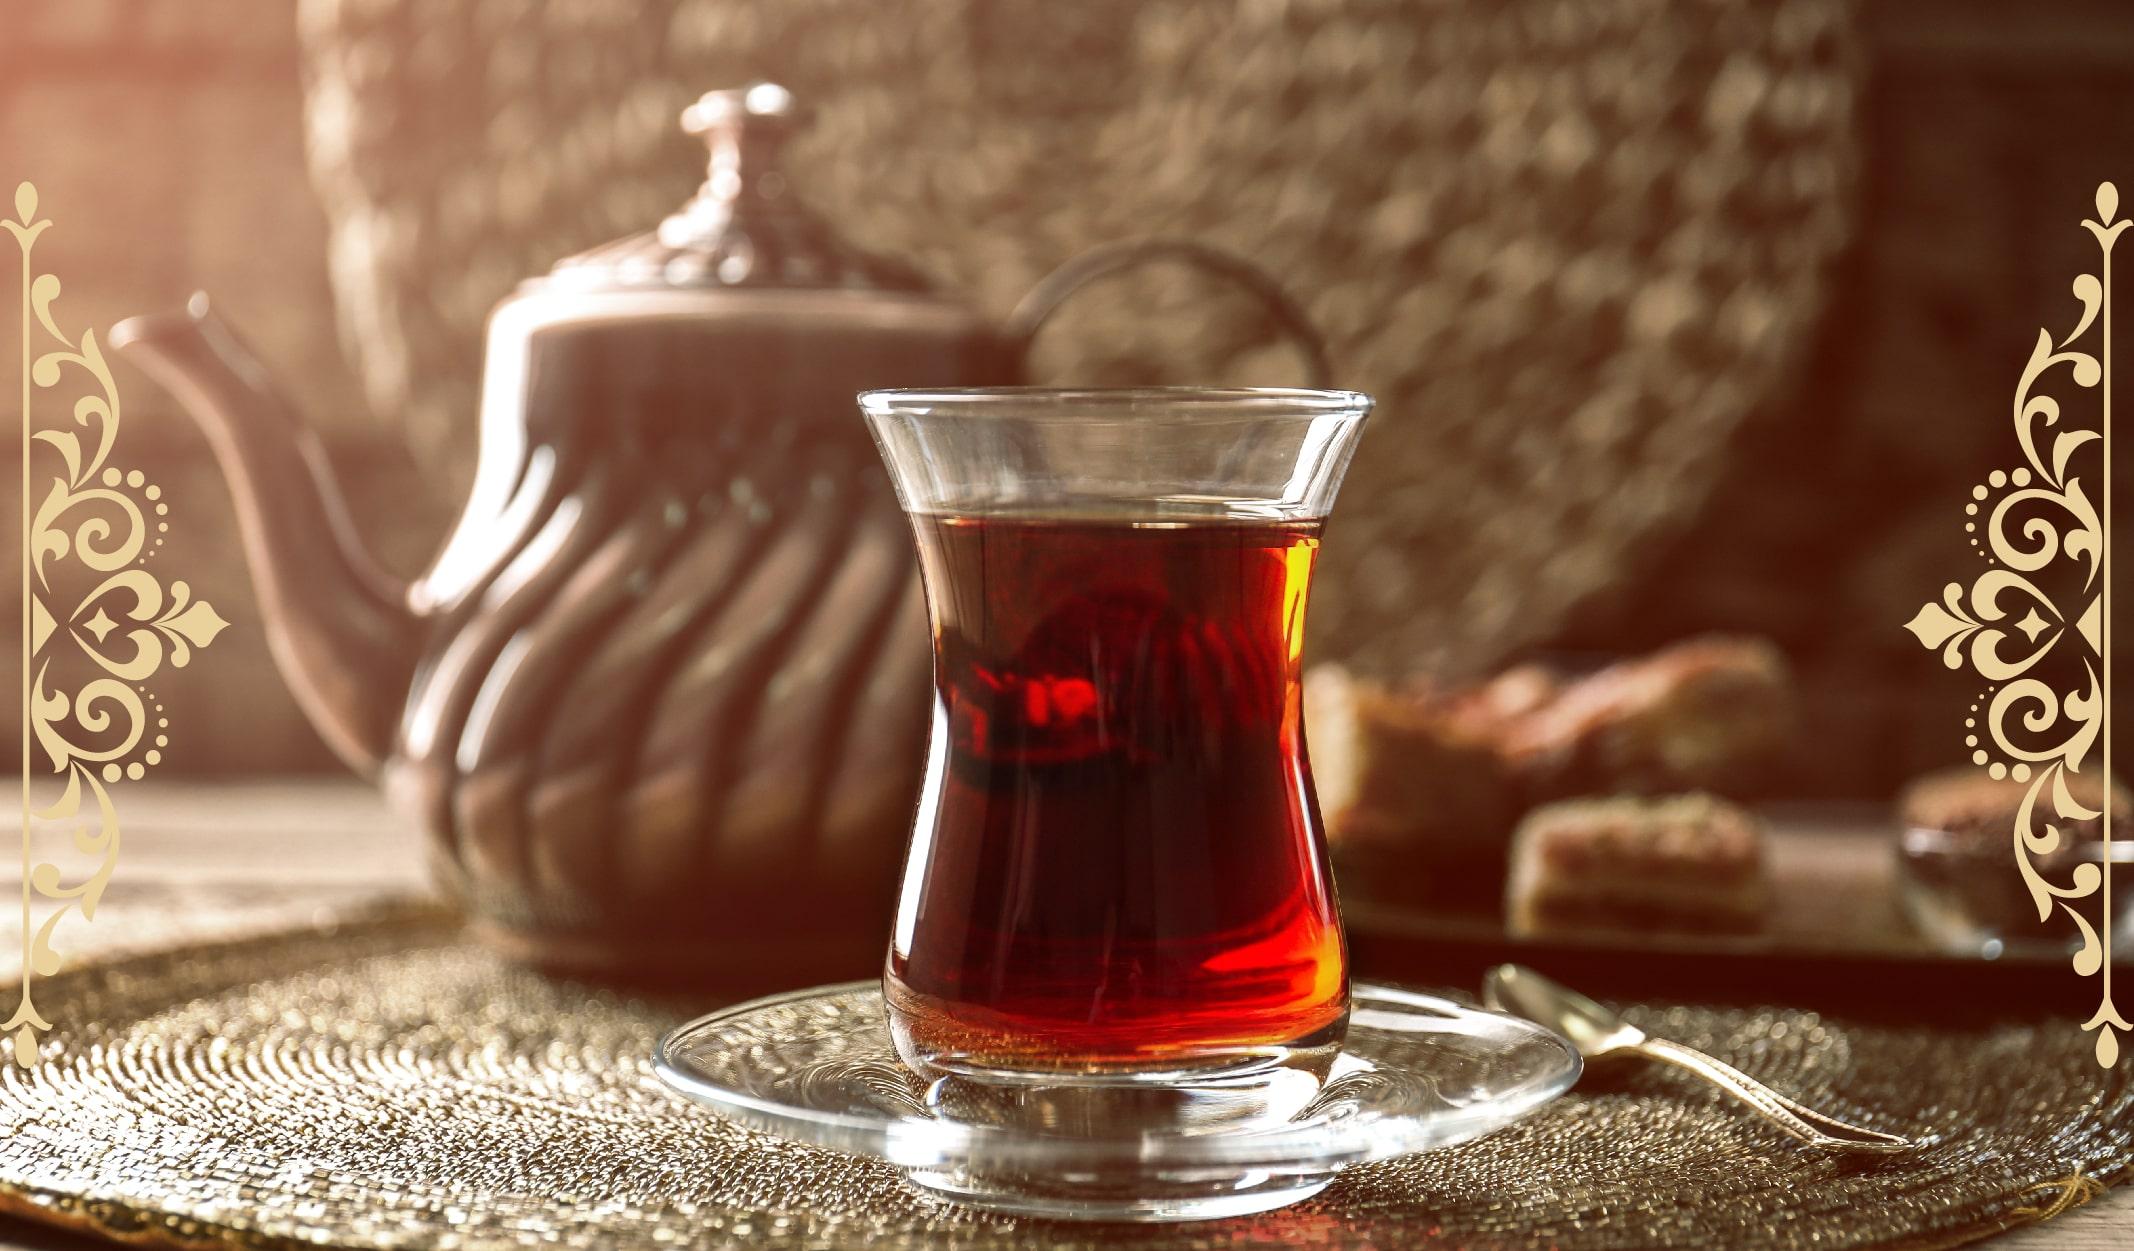 türk kültürü, gelenek, görenek